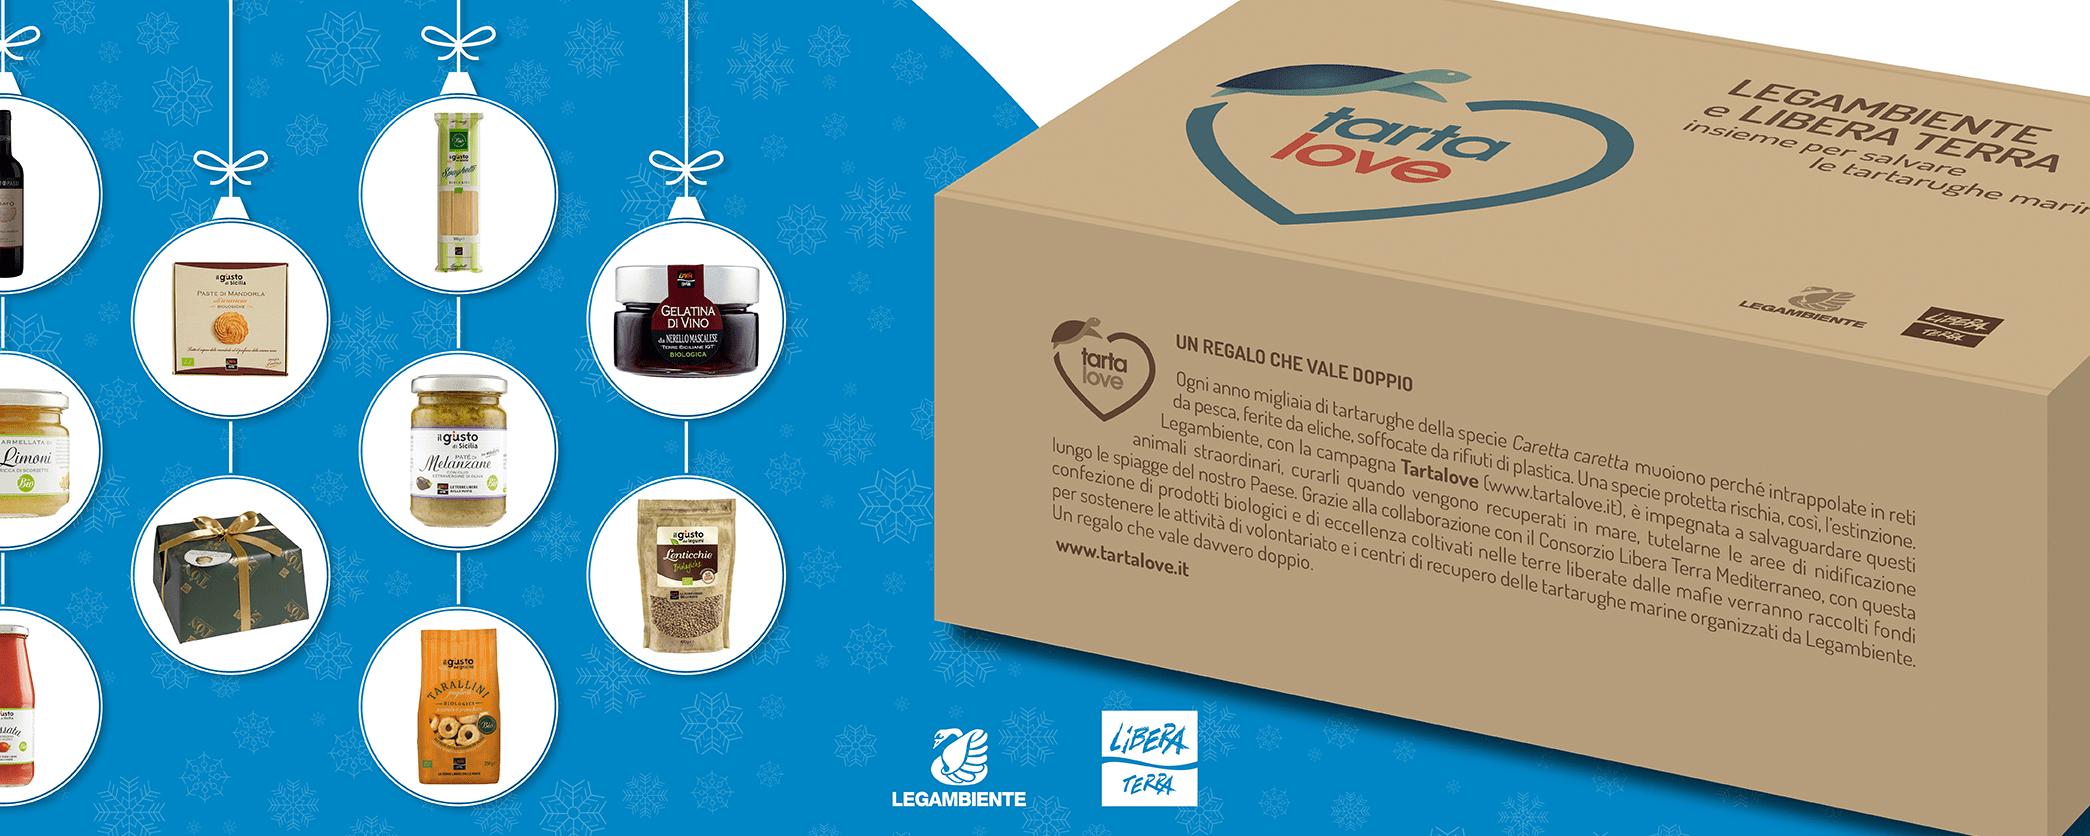 A Natale scegli un regalo che vale doppio!